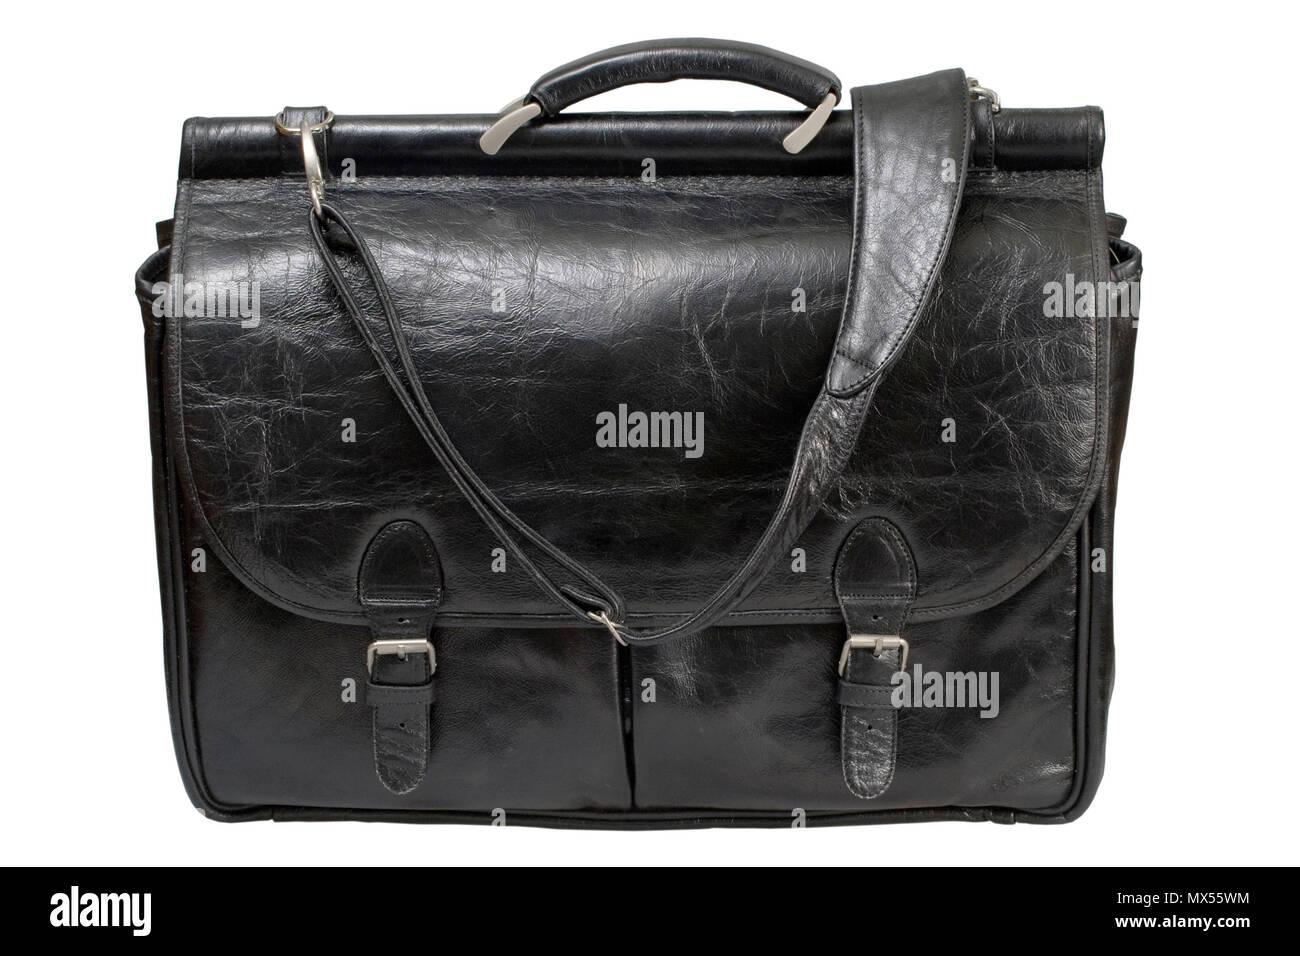 54a86afc4cbe7 Schwarz Leder tasche Corporate isoliert auf weißem Hintergrund Stockbild